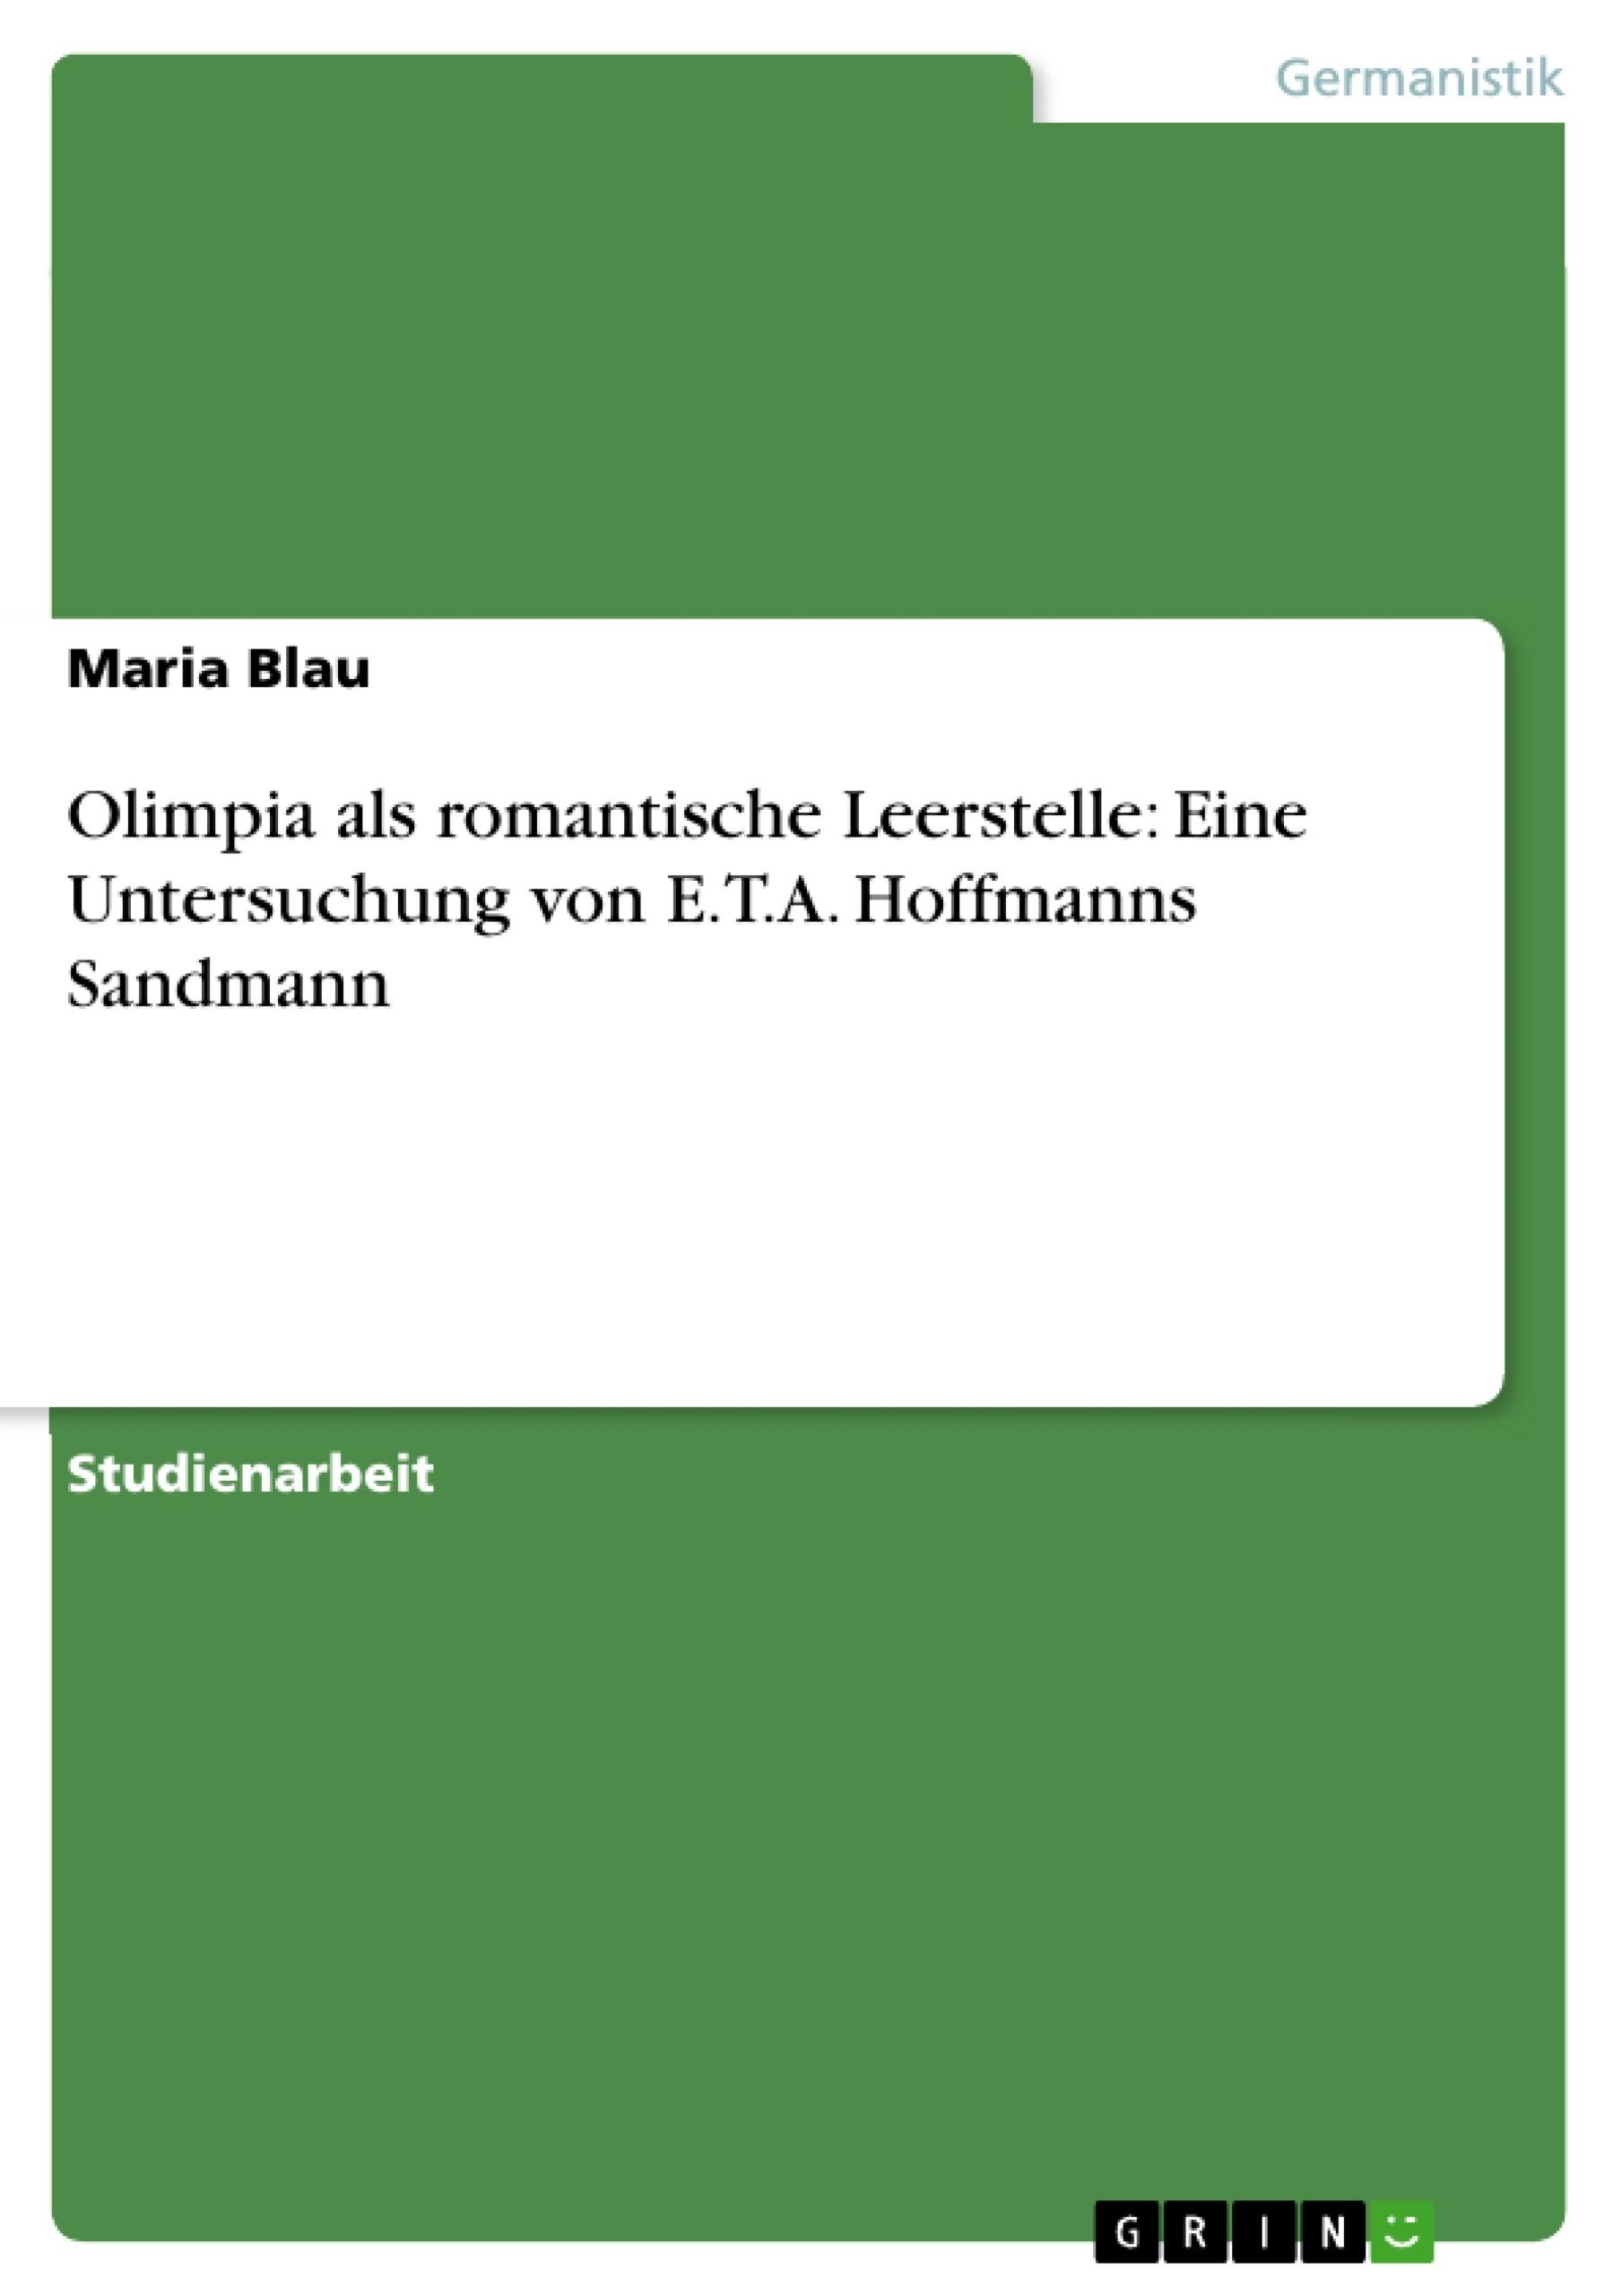 Titel: Olimpia als romantische Leerstelle: Eine Untersuchung von E.T.A. Hoffmanns Sandmann